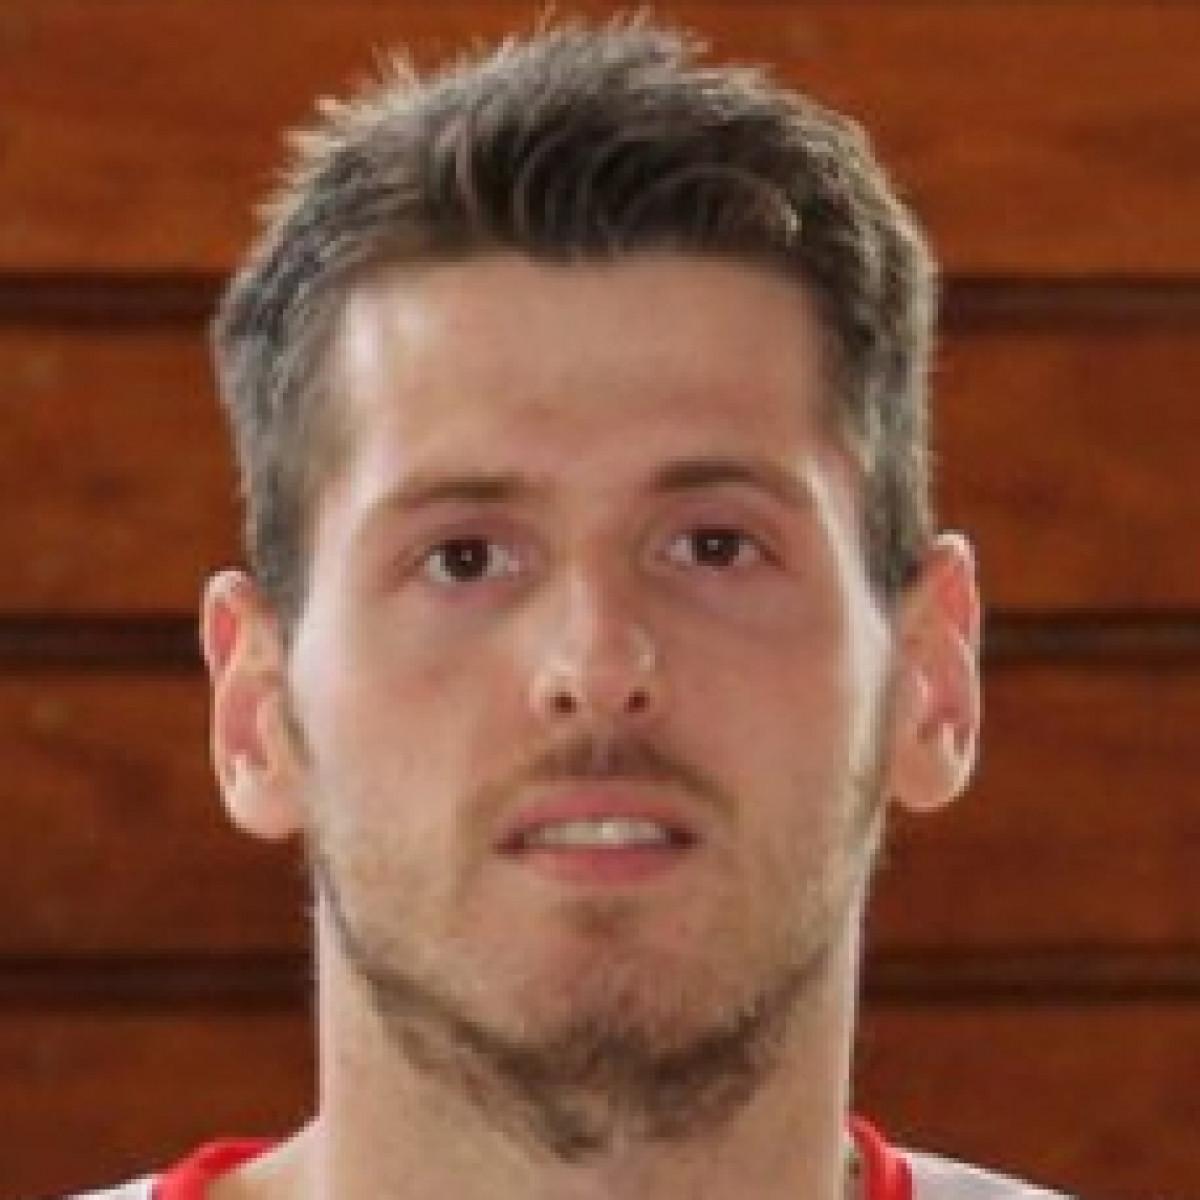 Panagiotis Filippopoulos